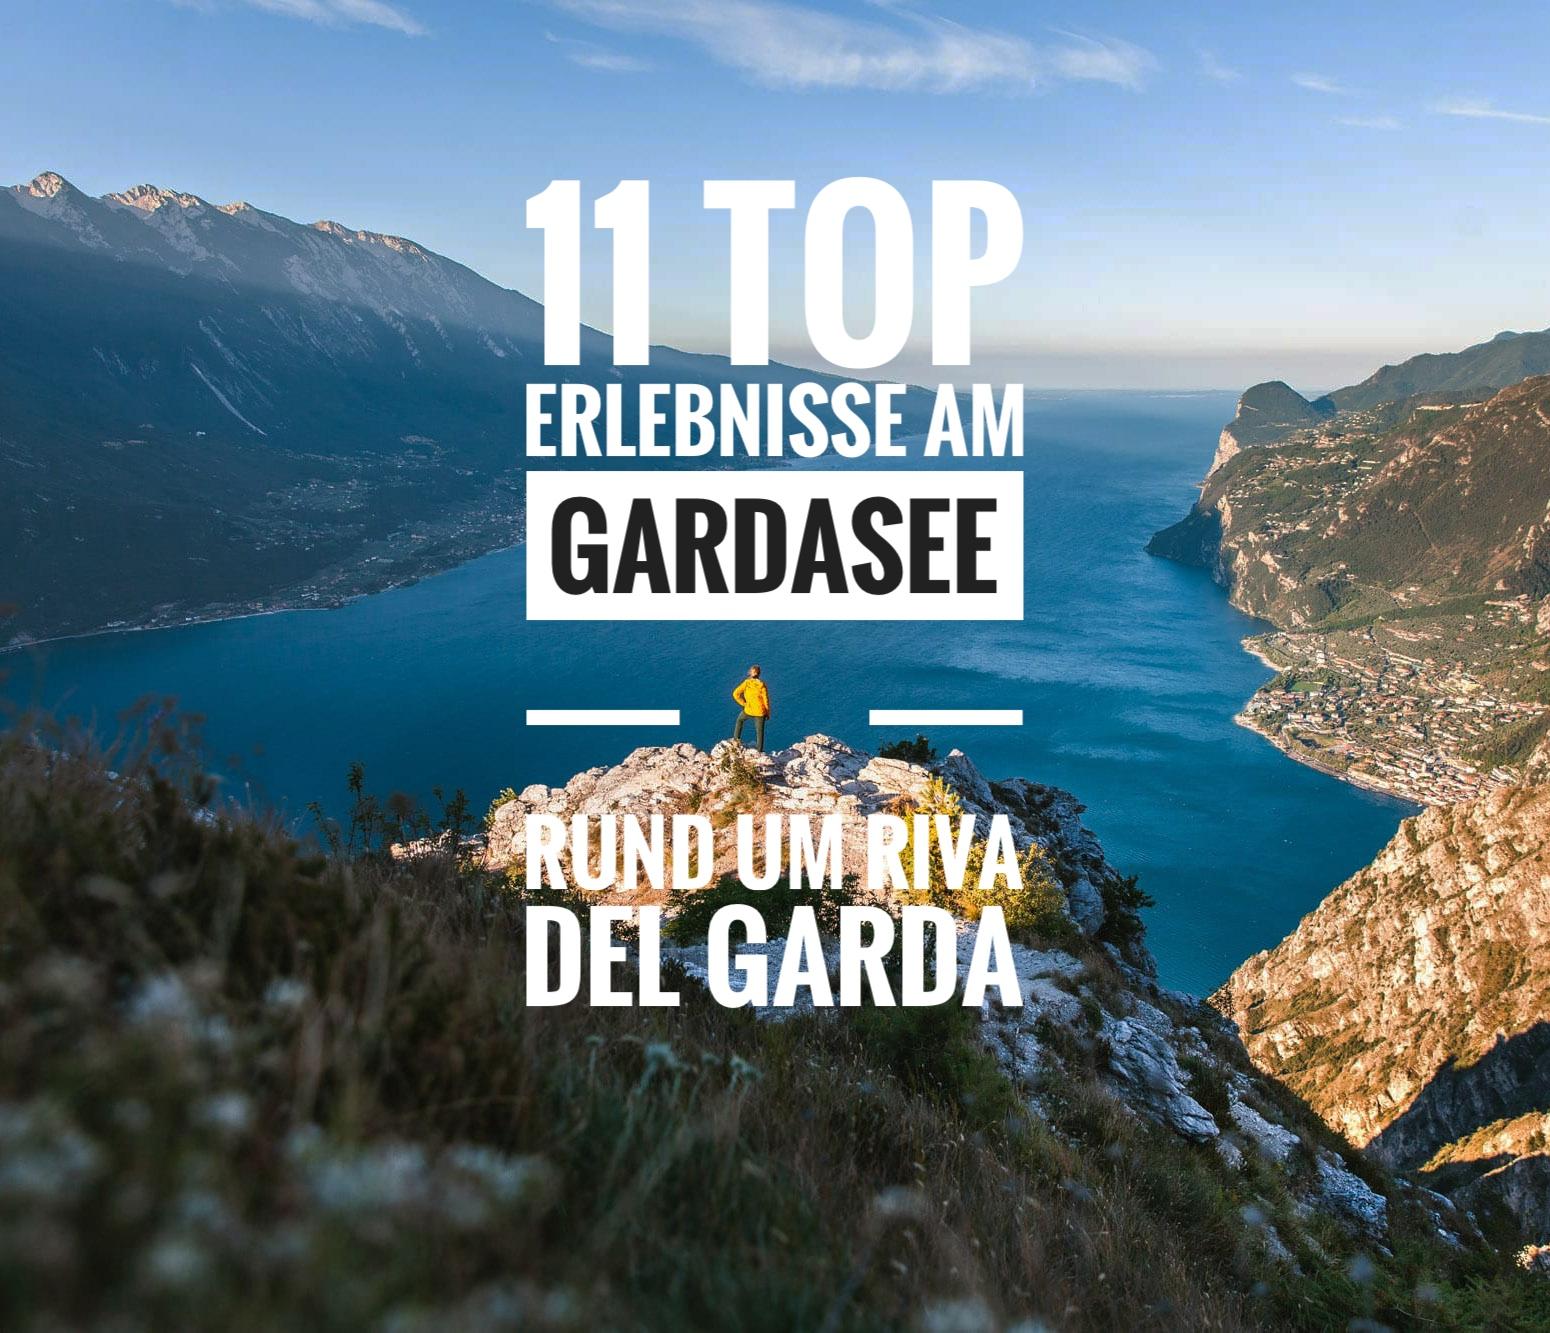 11 Top Erlebnisse am Gardasee – Rund um Riva del Garda